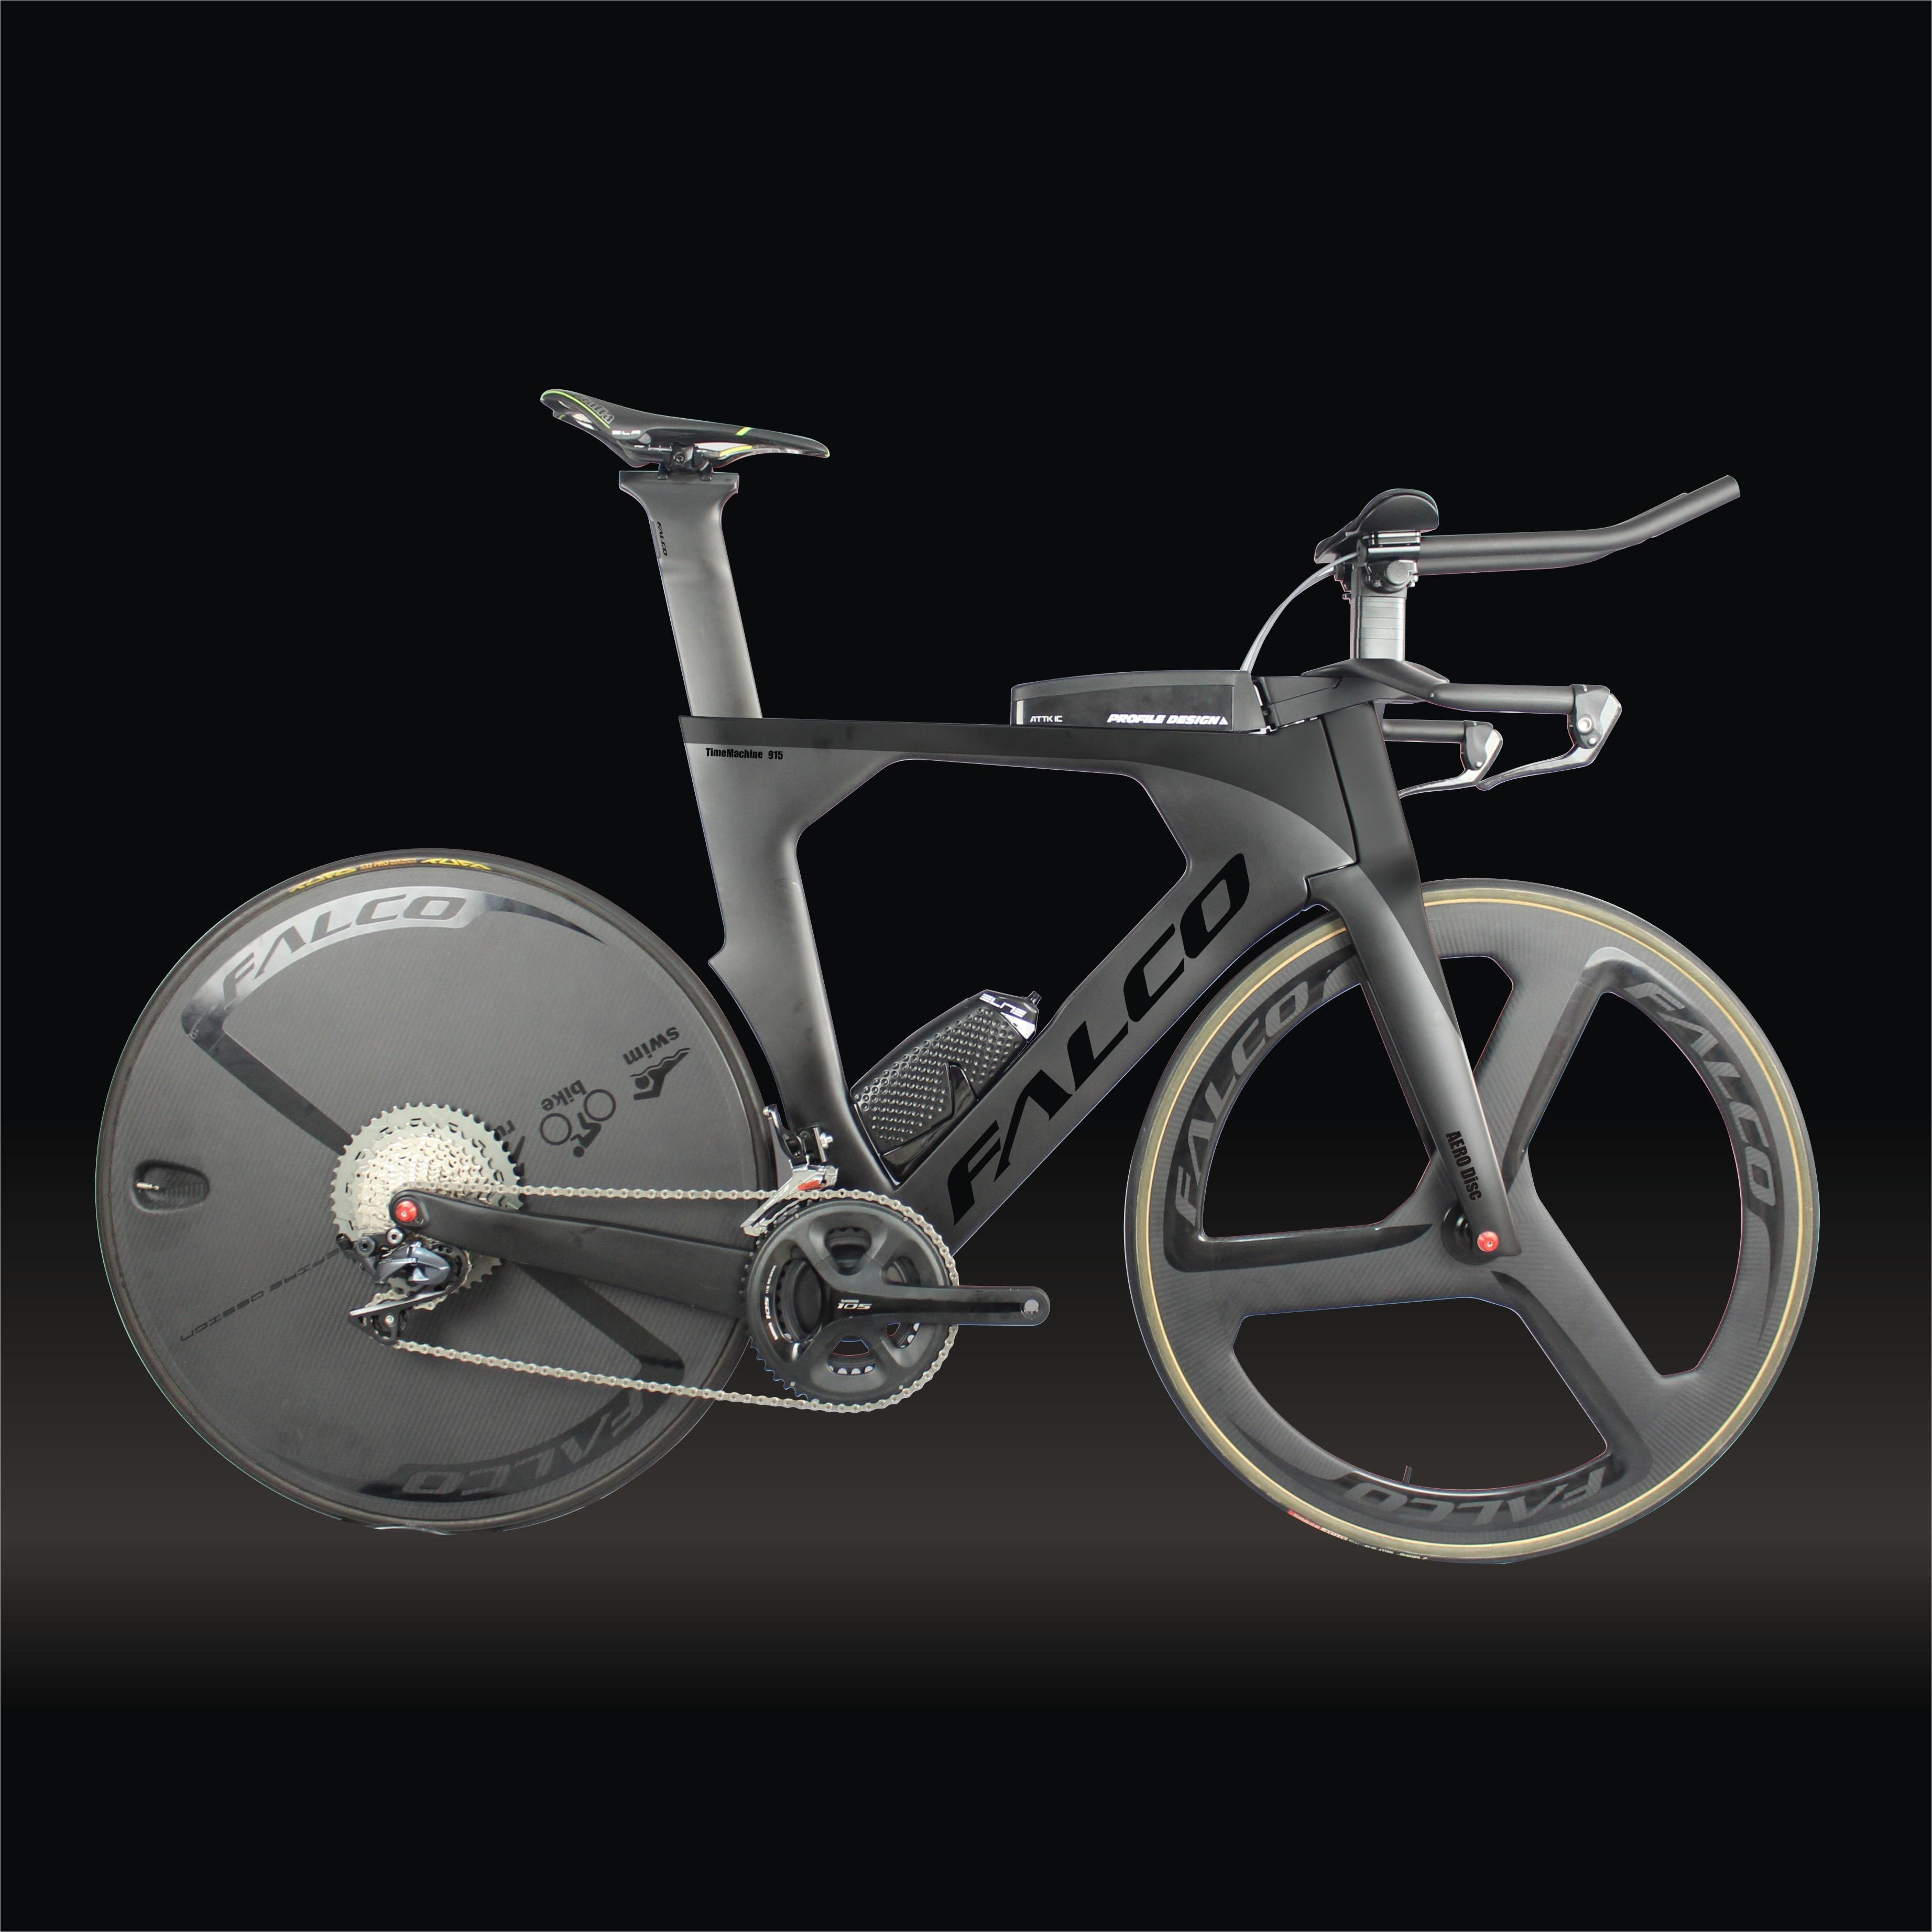 MIRACLE bikes 2020 Carbon triathlon bike 4849 52 54 56 58cm Carbon tt Frame Carbon time